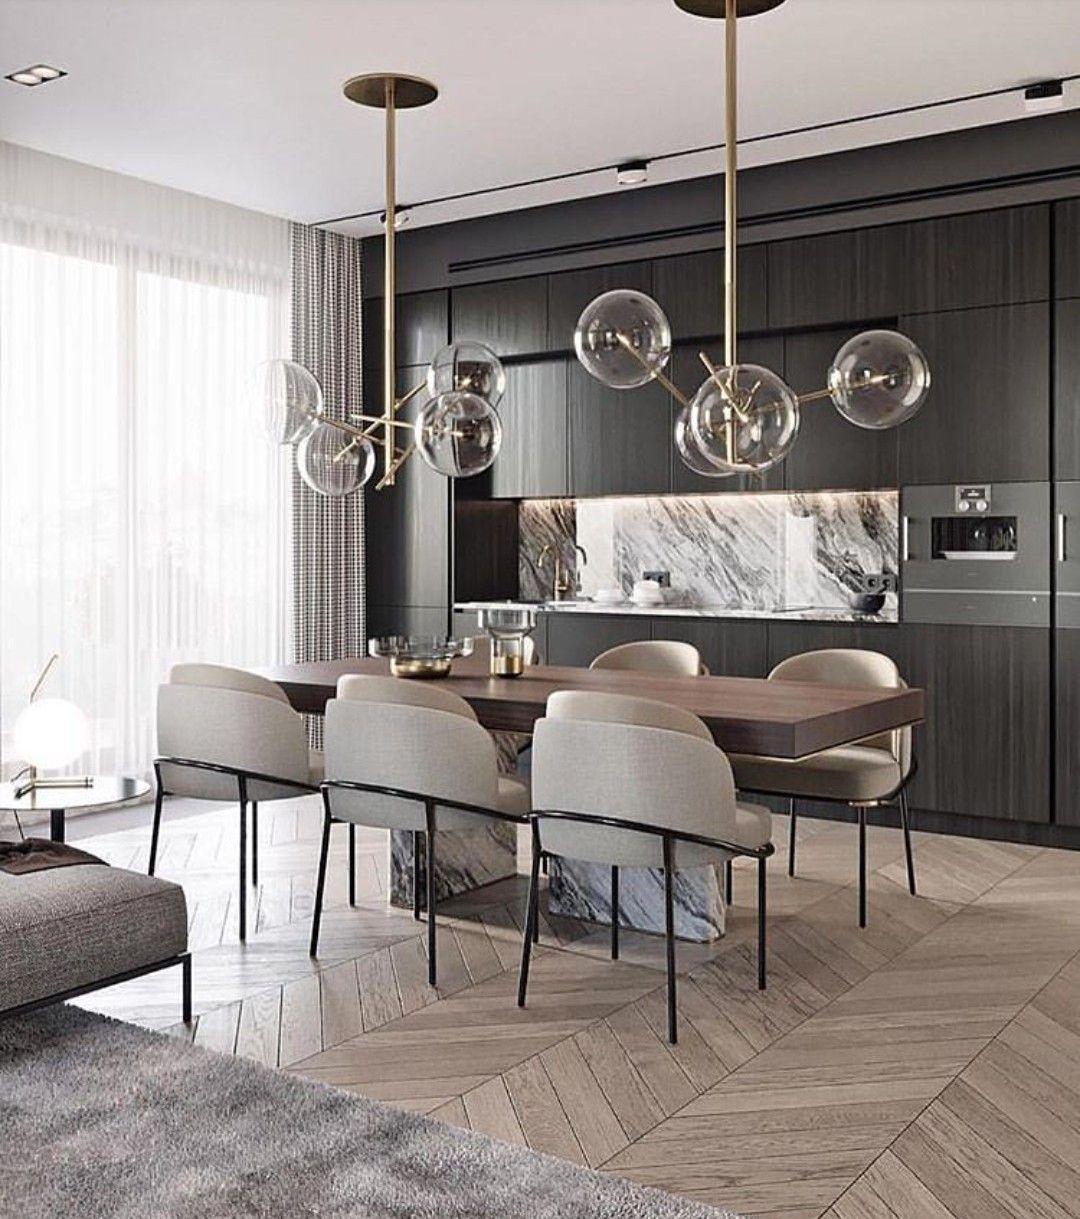 اثاث اثاث مودرن اثاث ايكيا أثاث منزلي اثاثكم ديكورات خارجية ديكورات ديكور دي Luxury Dining Room Modern Dining Room Dining Room Furniture Modern